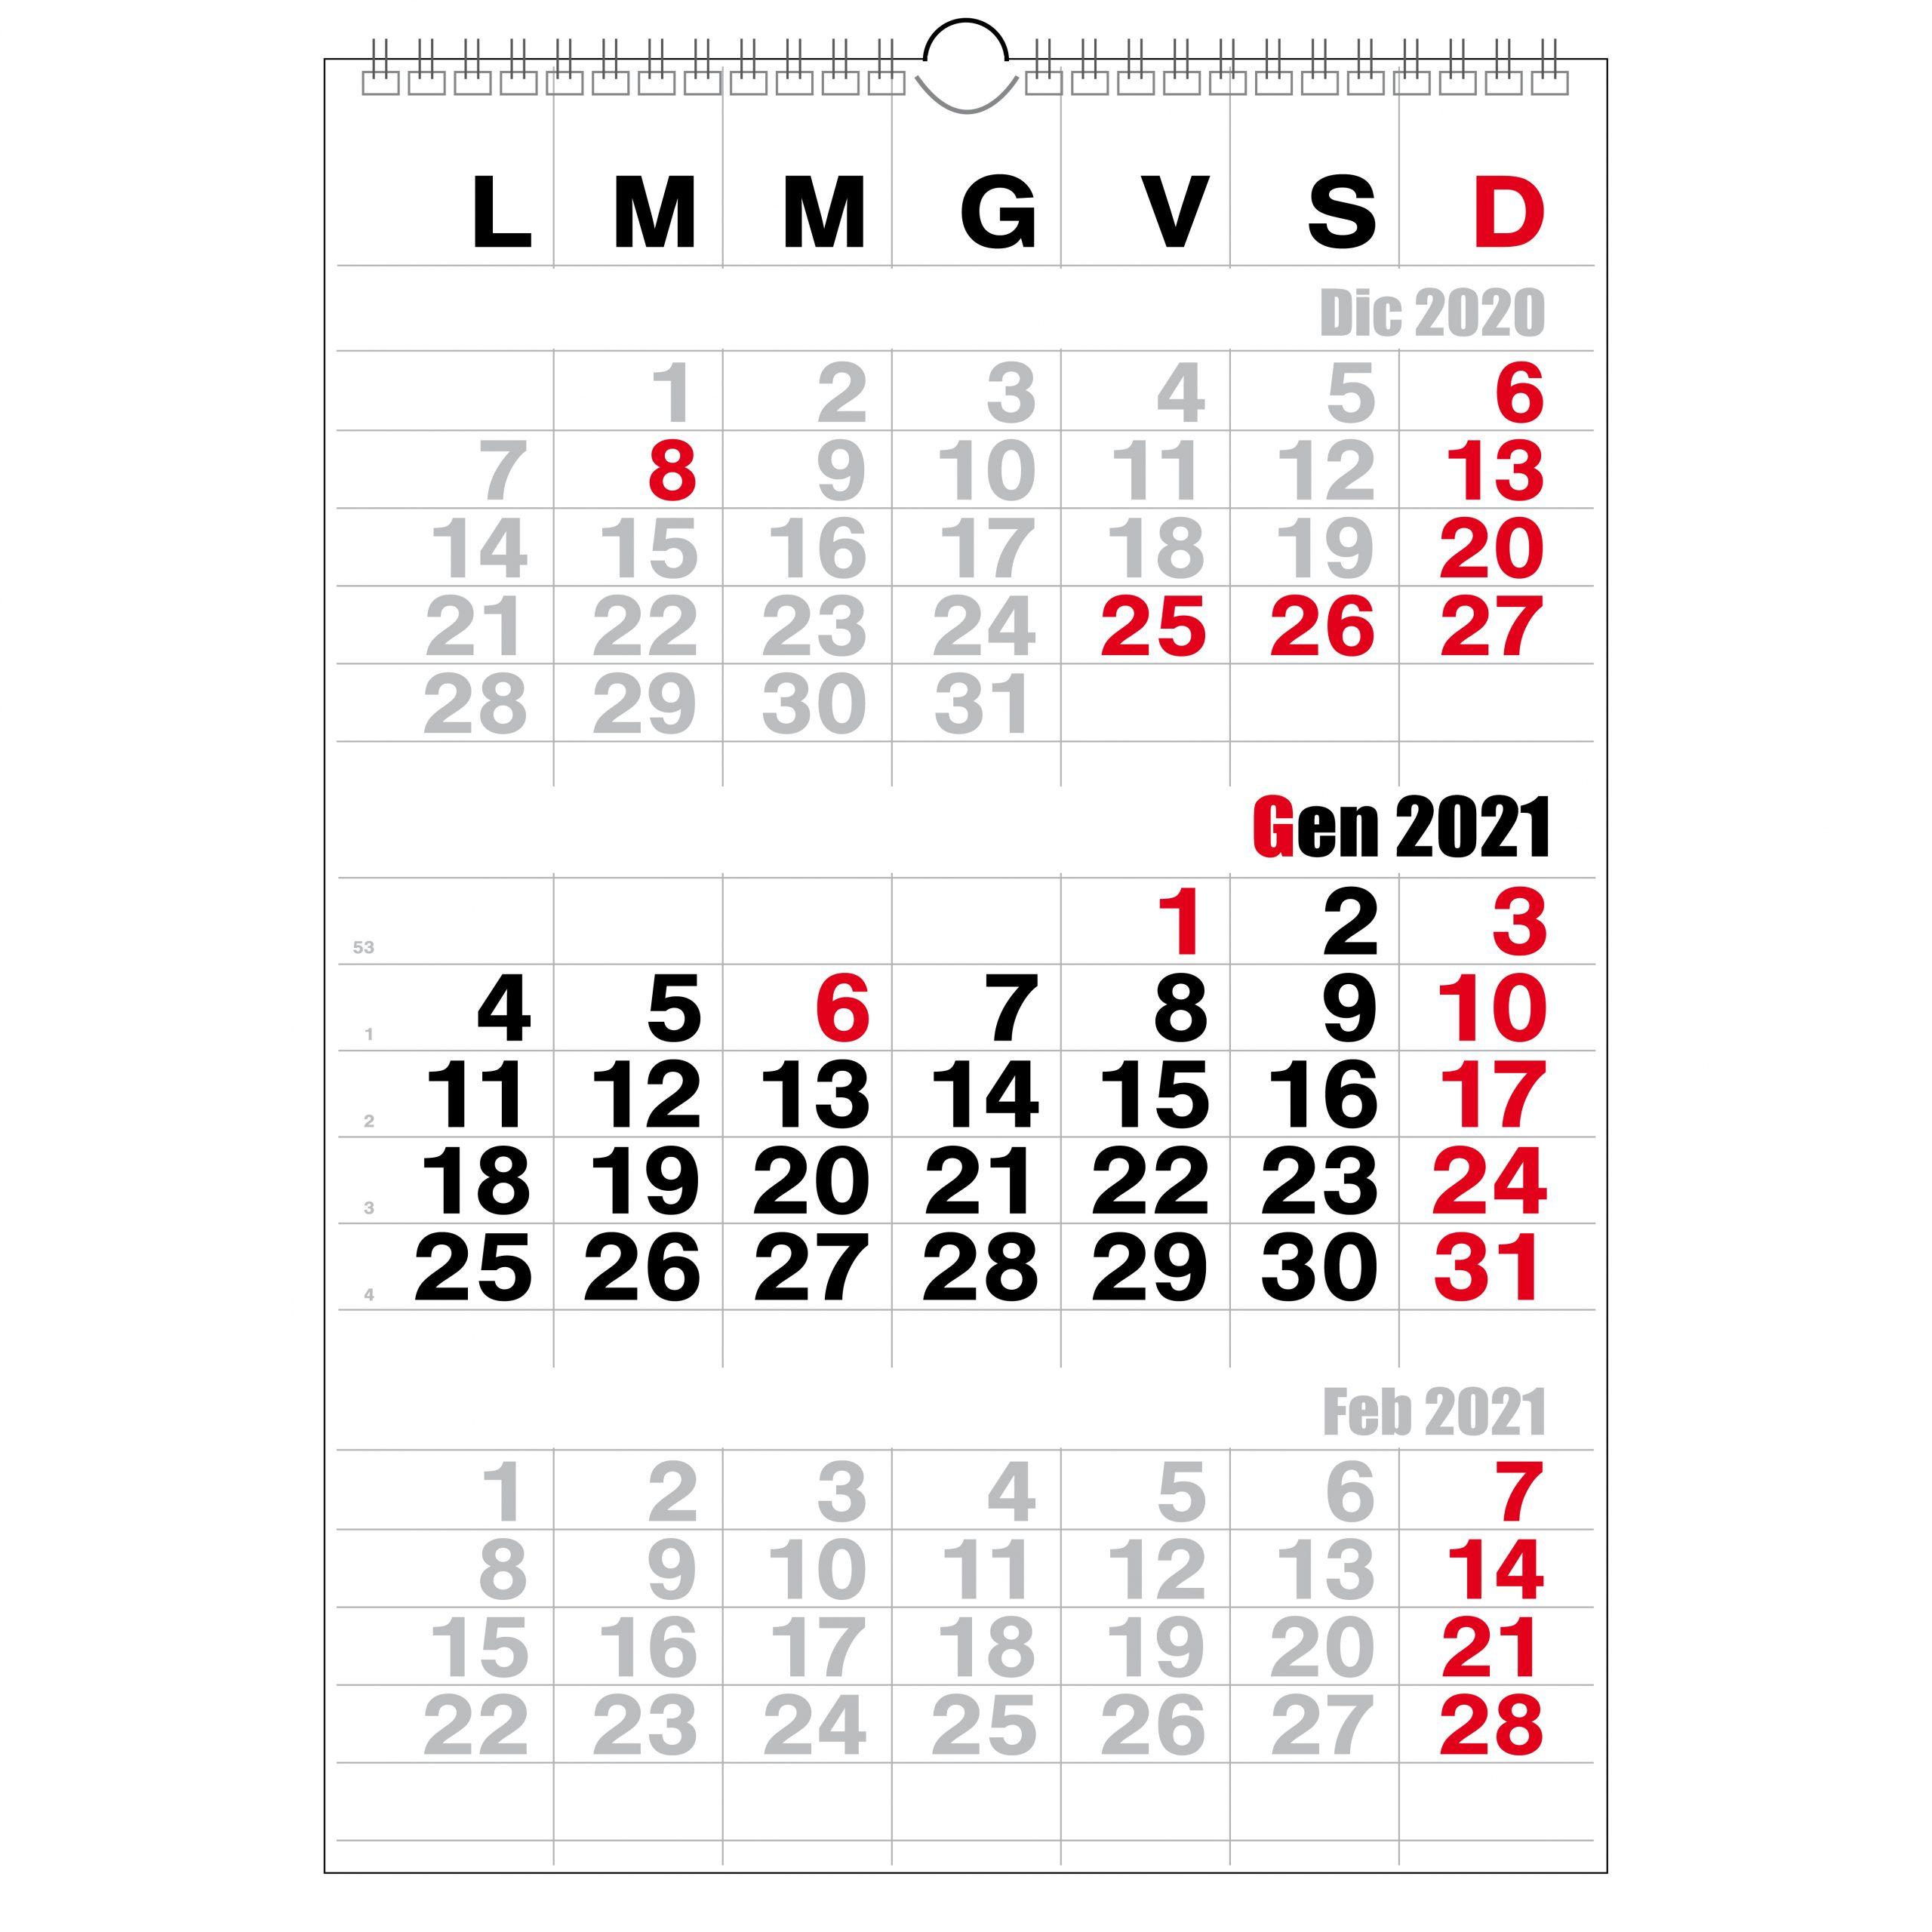 Calendario Trittico 2021 Calendario 2021 3 mesi modello trittico   Calendari.it   calendari